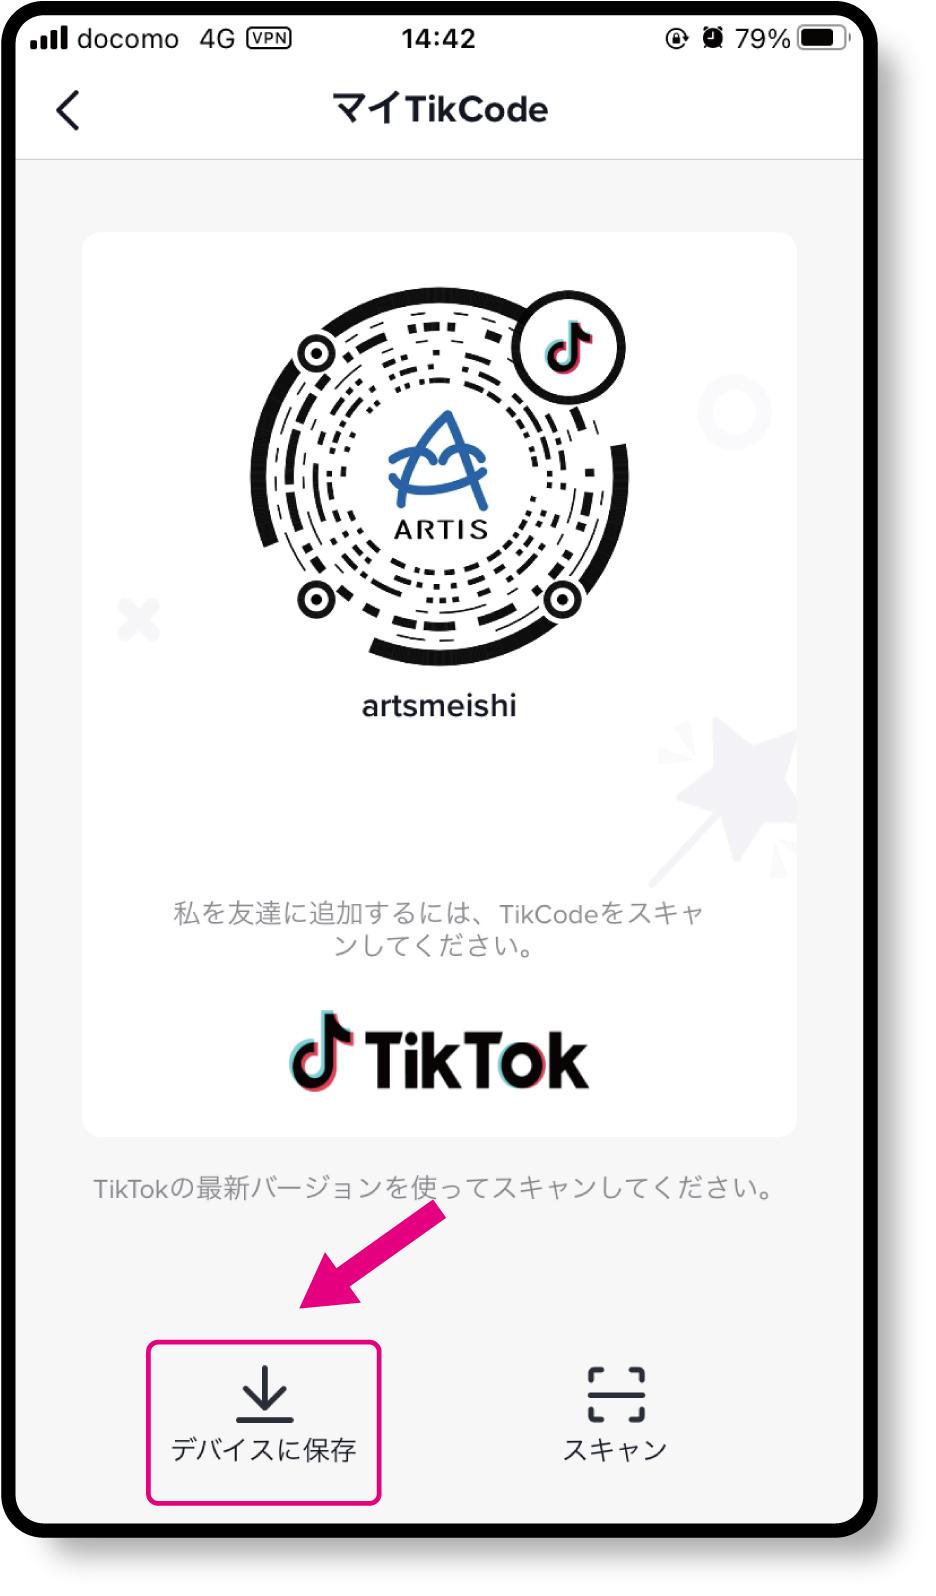 TikCode